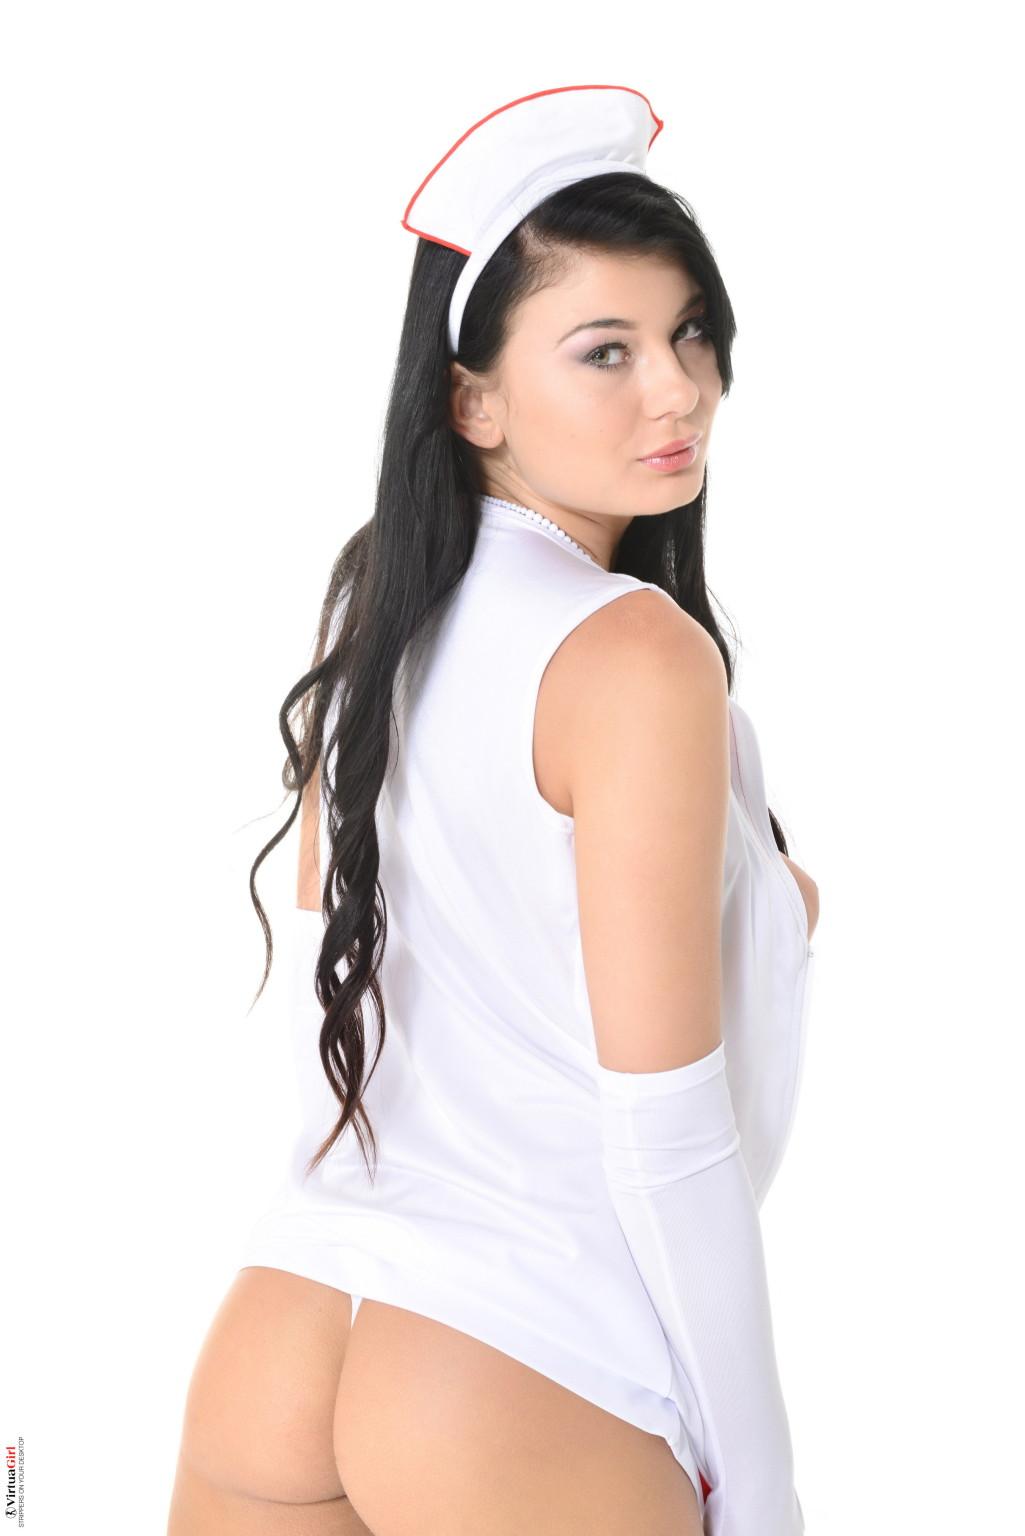 Lucy Liu - В униформе - Галерея № 3520970